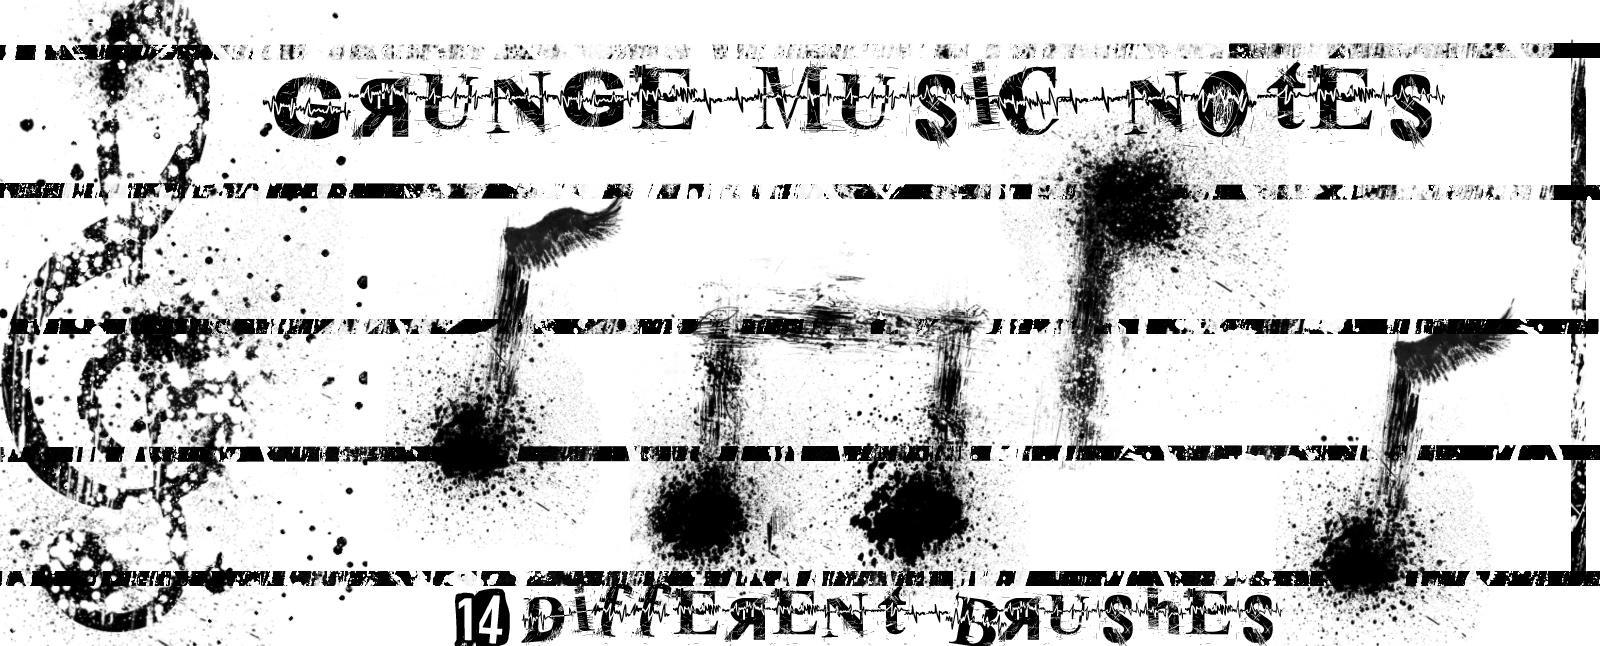 Music Notes Photshop Paint Brush